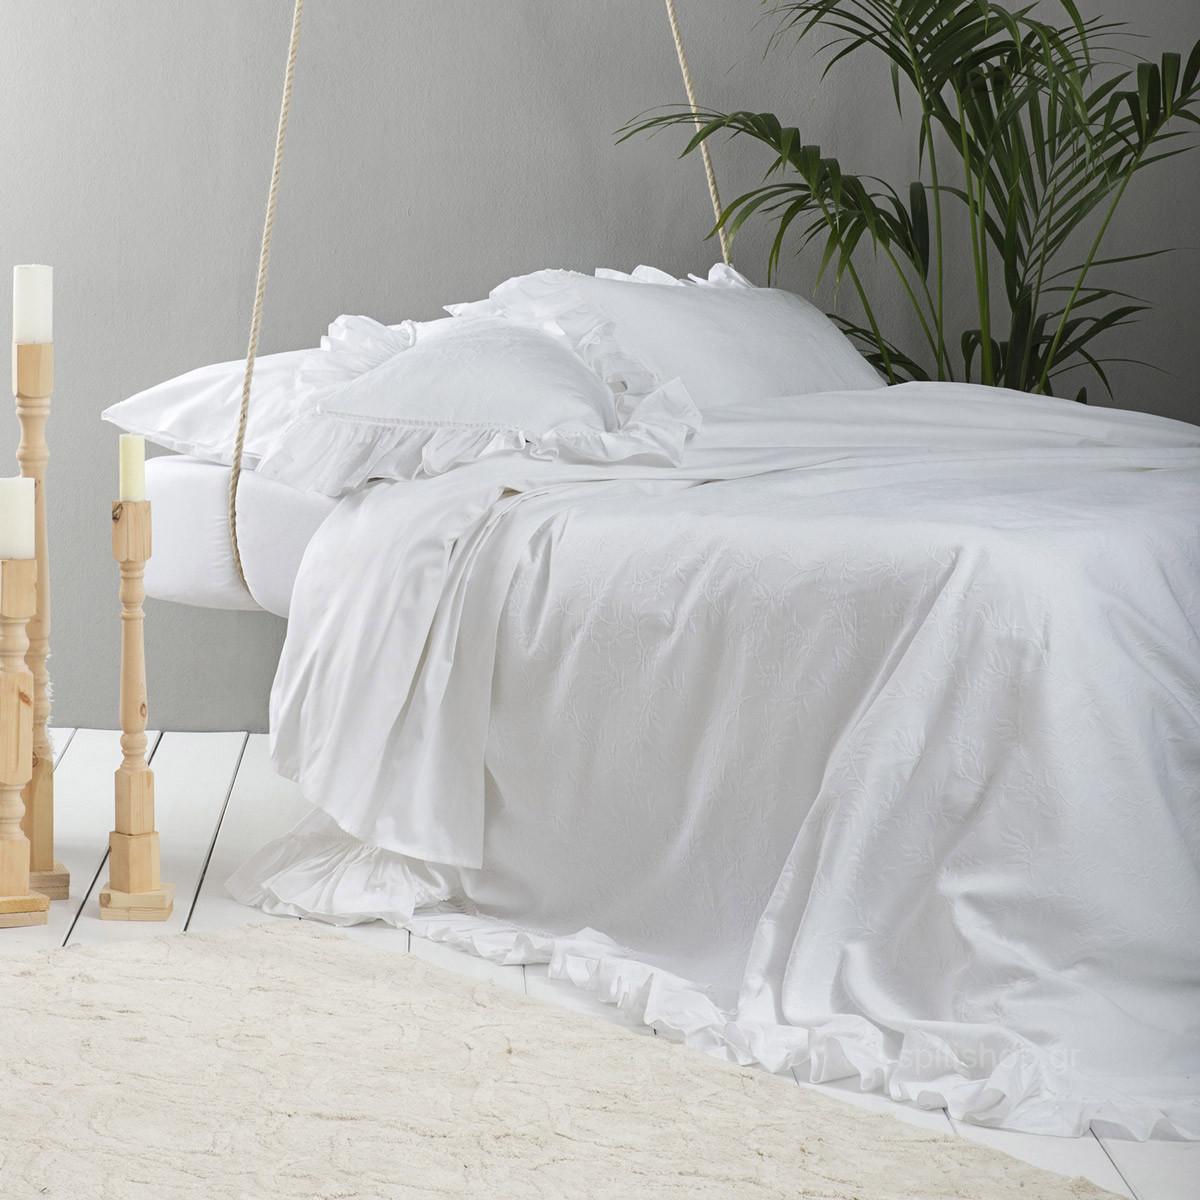 Κουβερτόριο Υπέρδιπλο Nima White Luxury Oasis home   μόδα γάμου   κουβερλί νυφικά